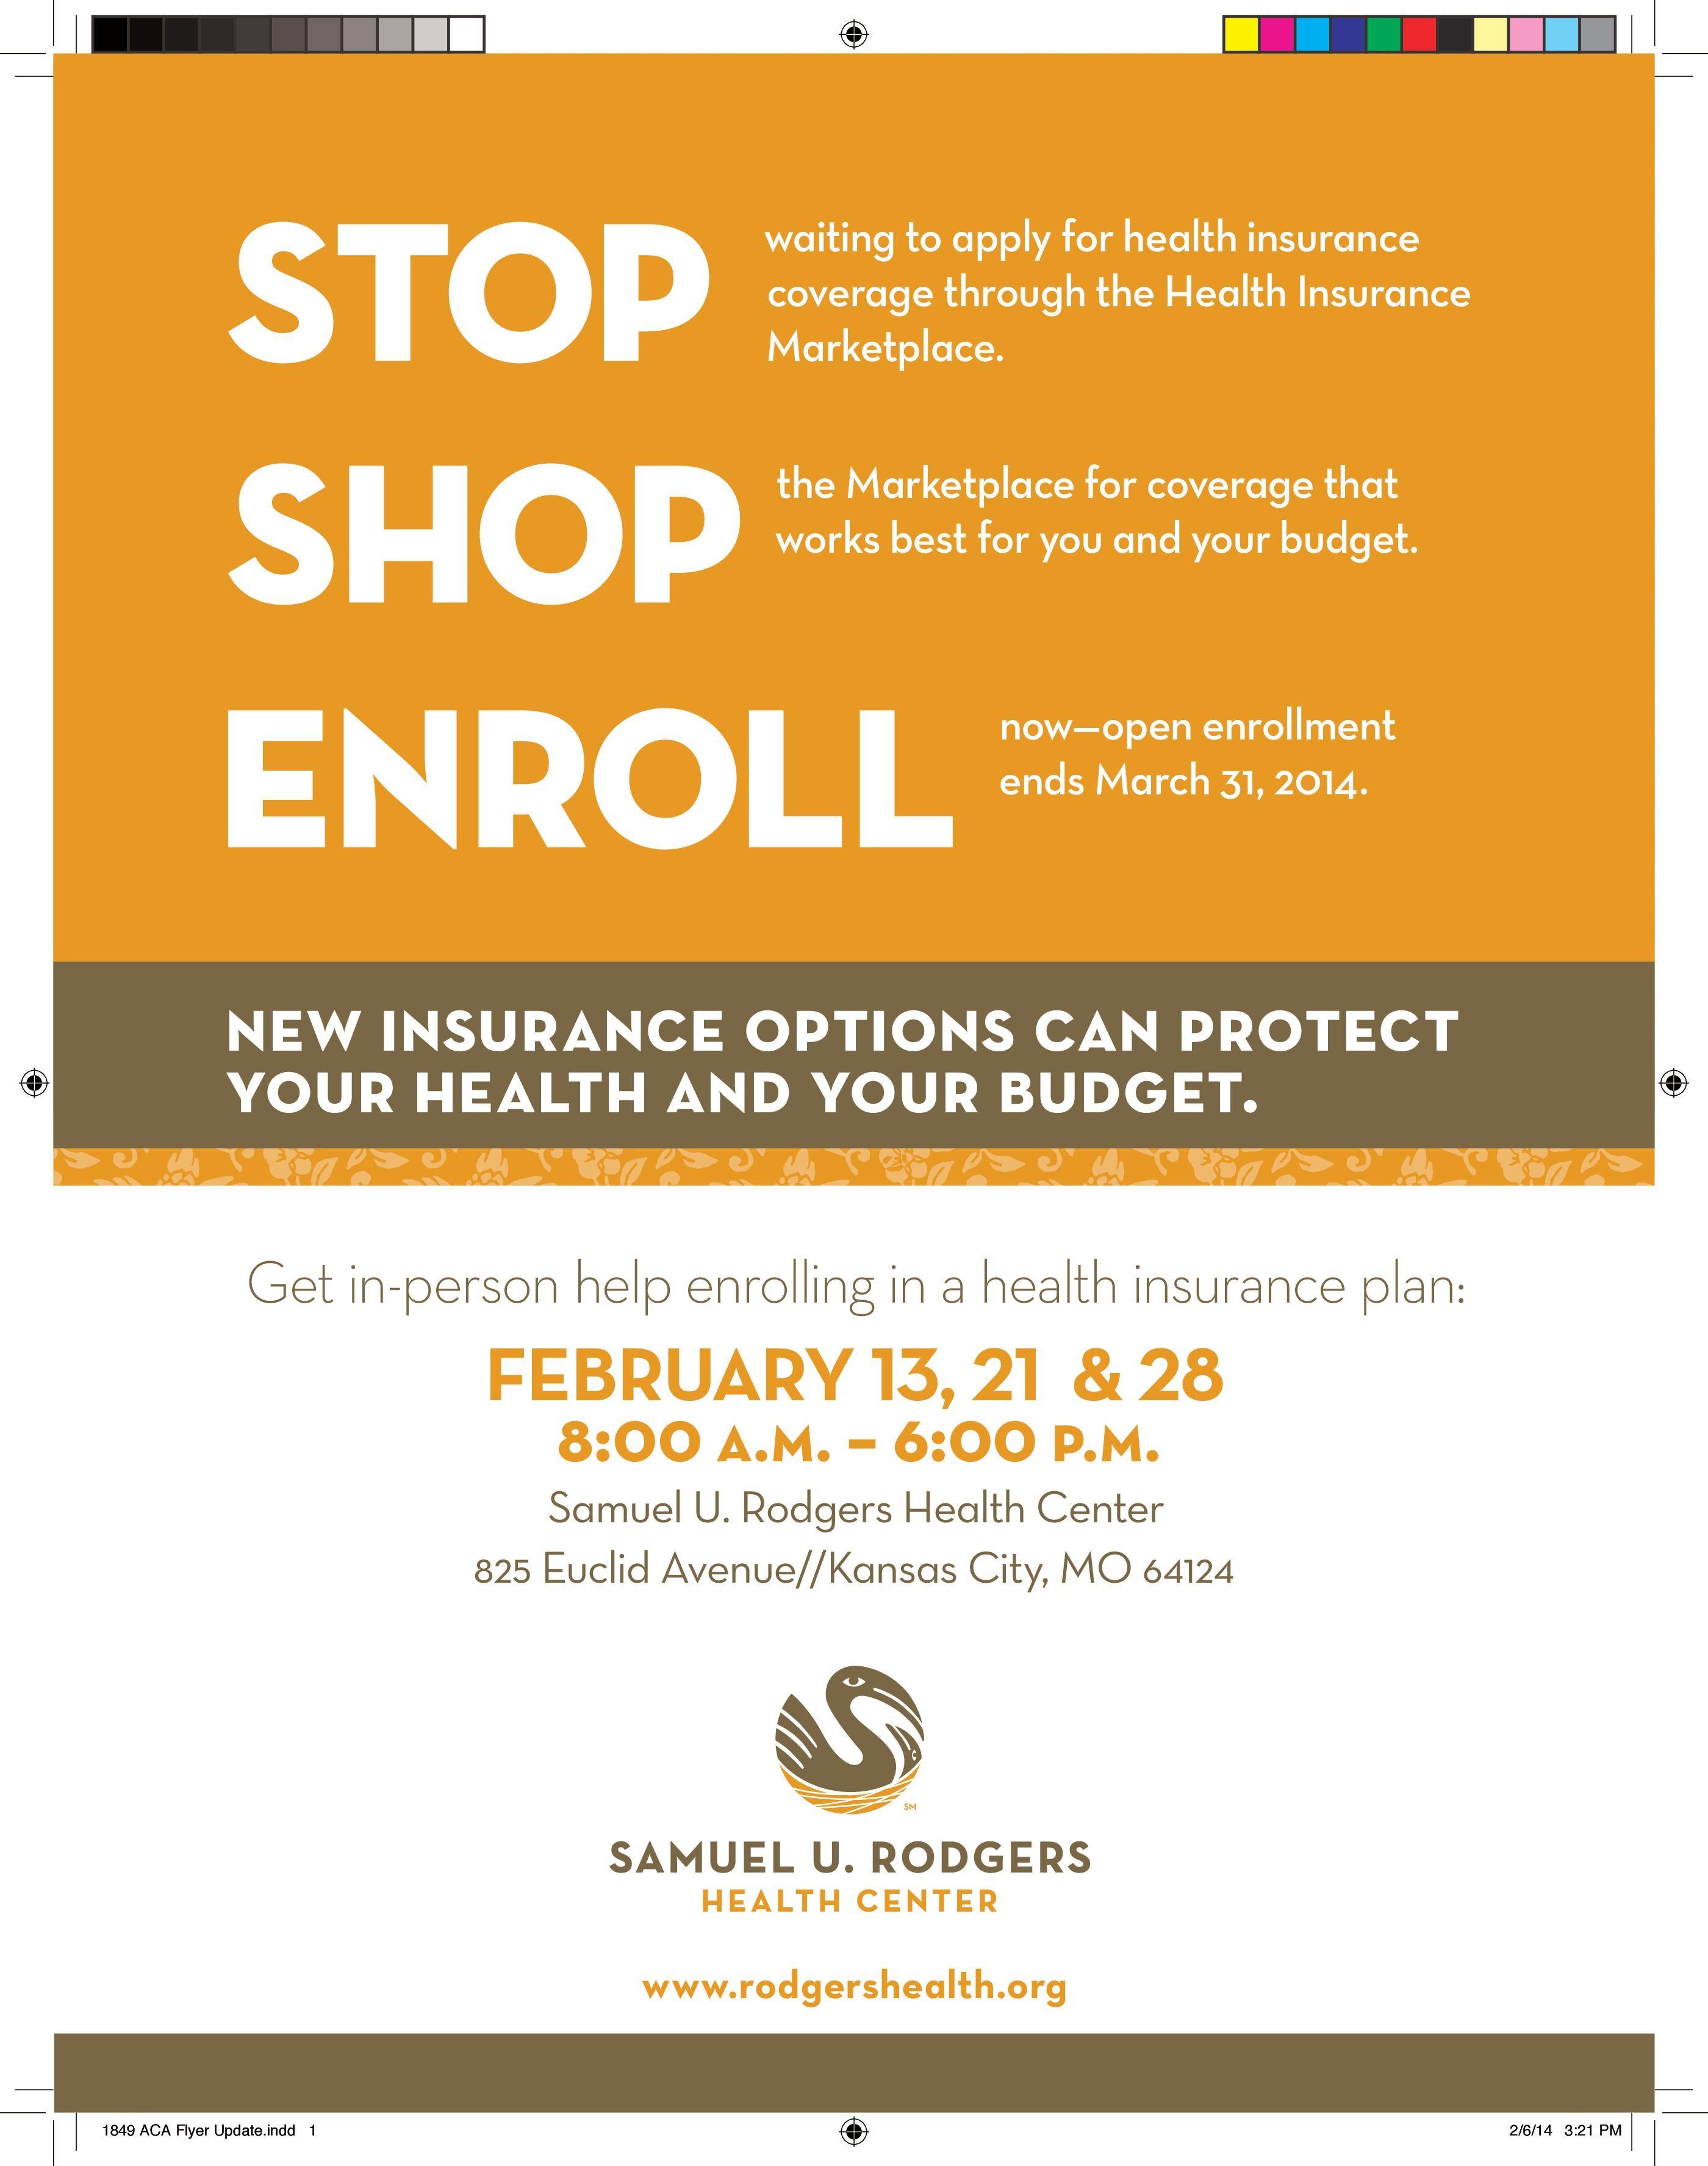 Flyer For Marketplace Enrollment Events At Samuel U Rodgers